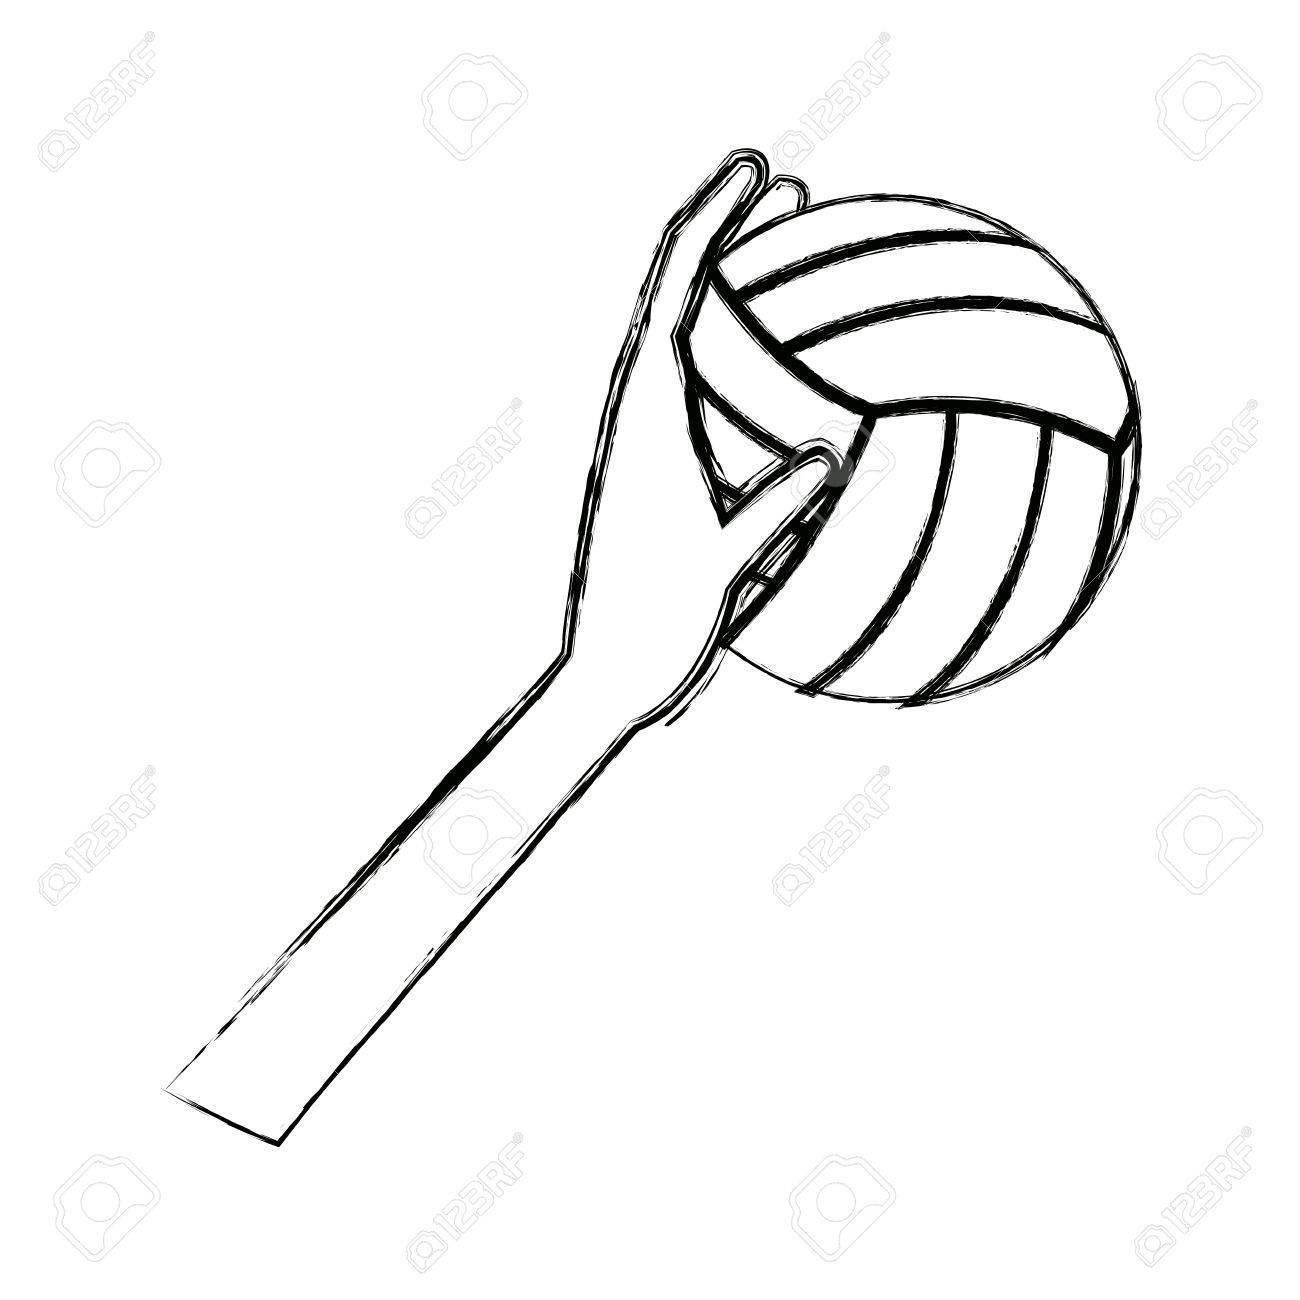 Foto de archivo - Mano sosteniendo la ilustración de vector de campeón de  juego de pelota voleibol deporte 7aa239b0edf6